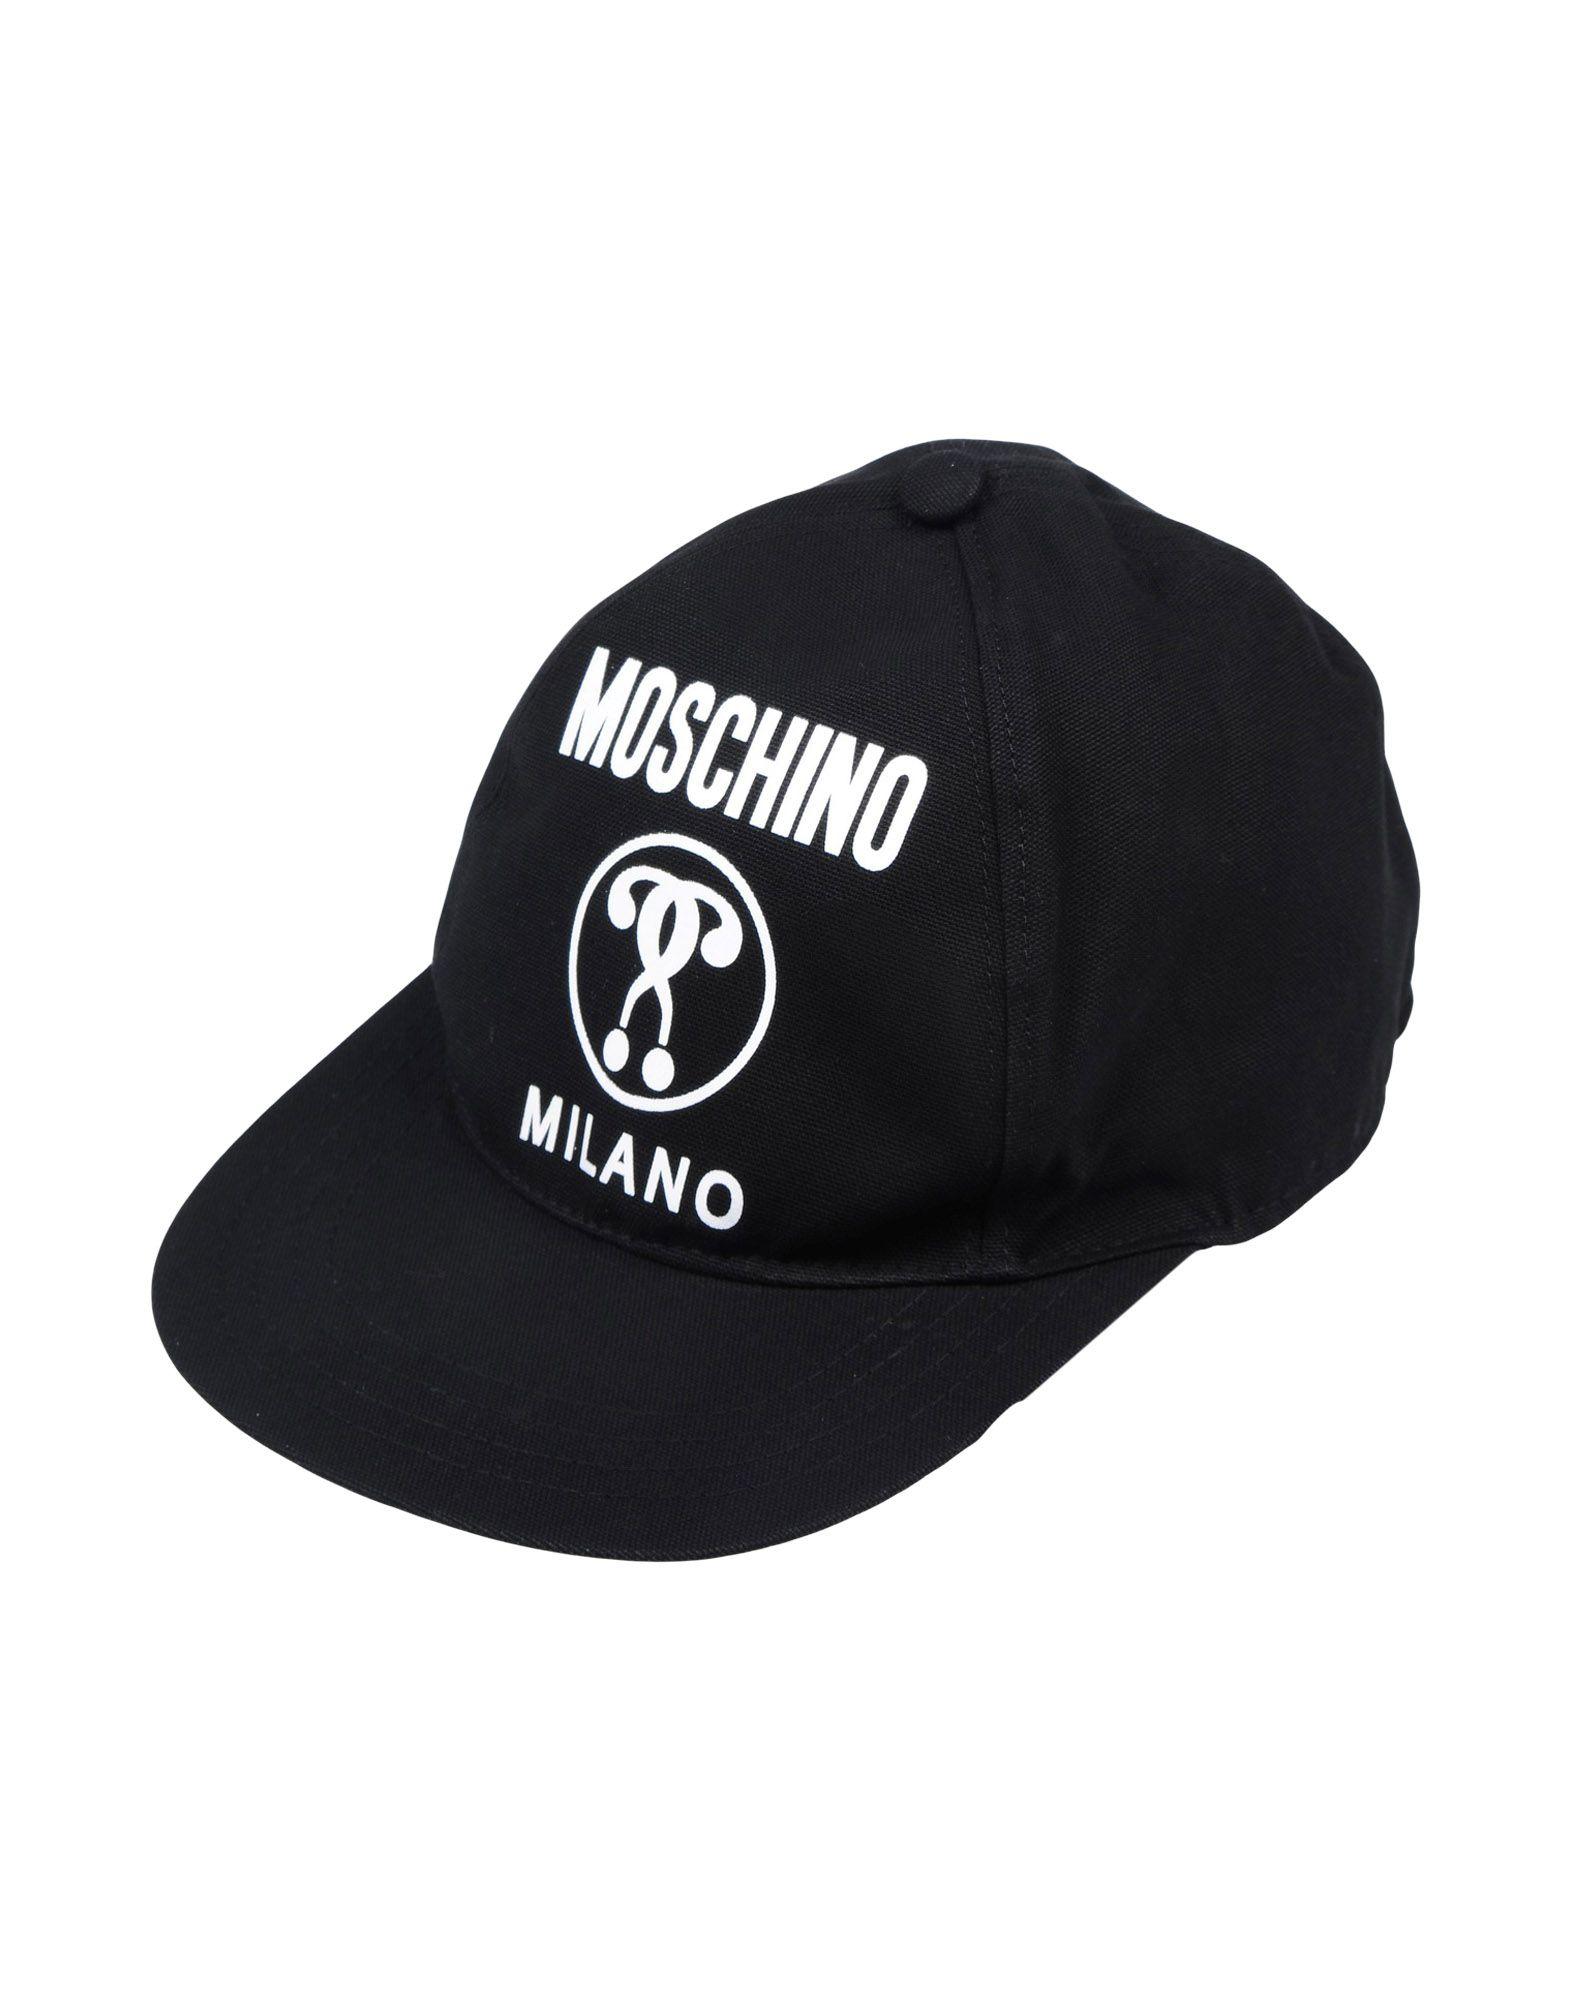 《送料無料》MOSCHINO Unisex 帽子 ブラック M コットン 100%